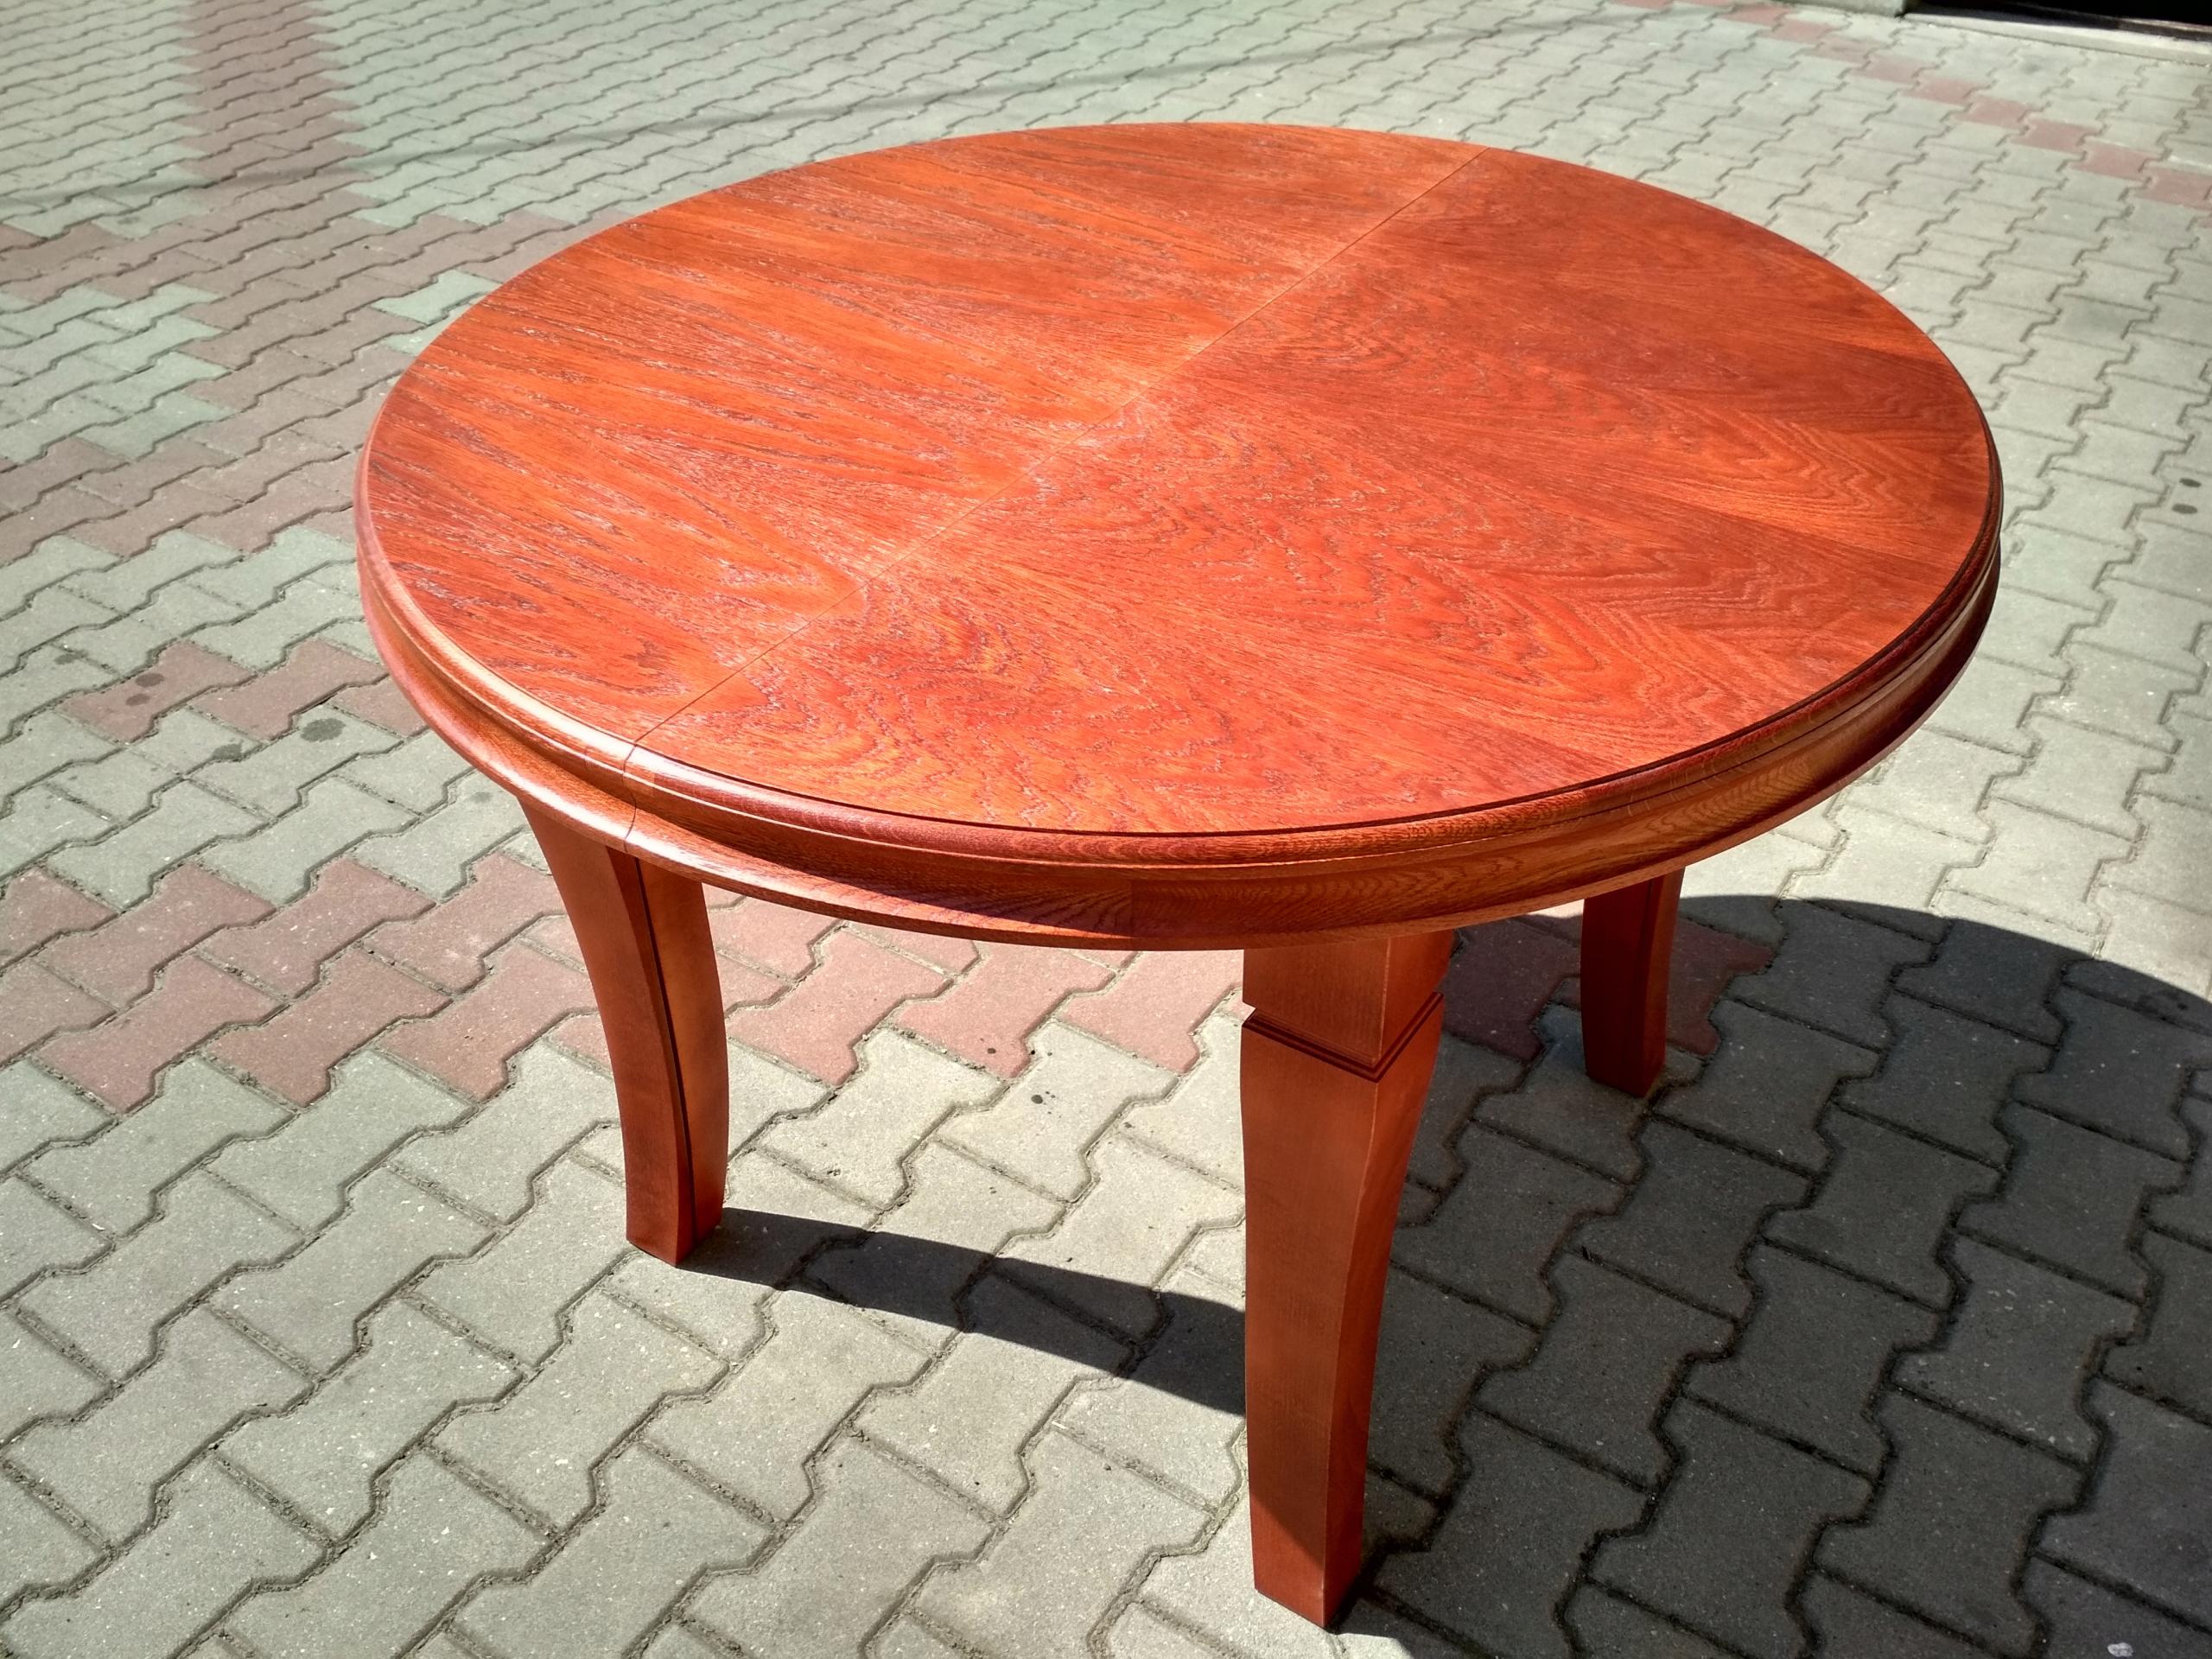 Rozťahovací okrúhly stôl 8 nôh 130 cm x 330 cm Hit